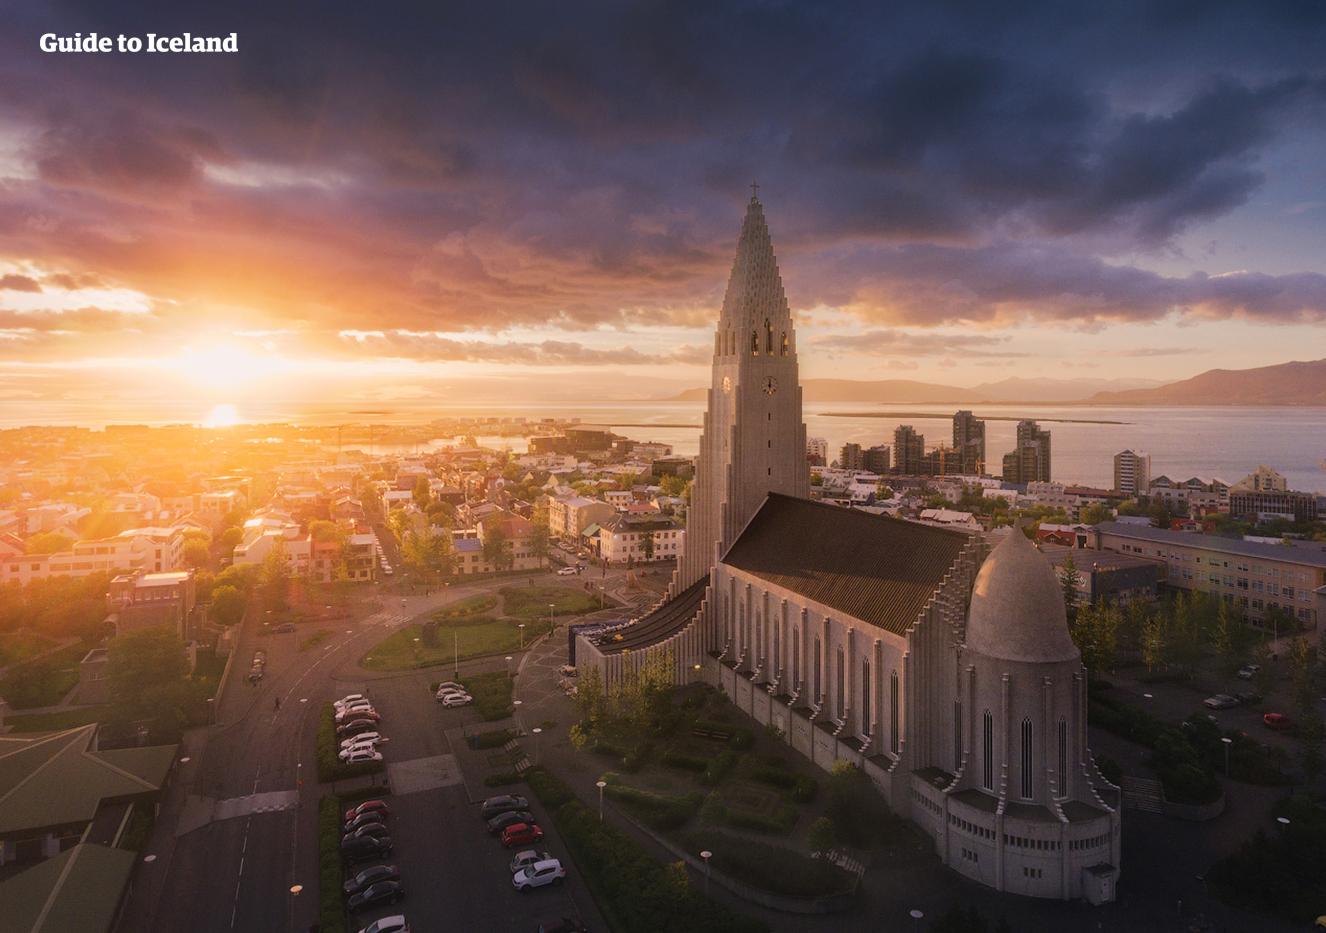 色彩斑斓的雷克雅未克是世界最北首都,也是体验独特北欧文化的完美去处。